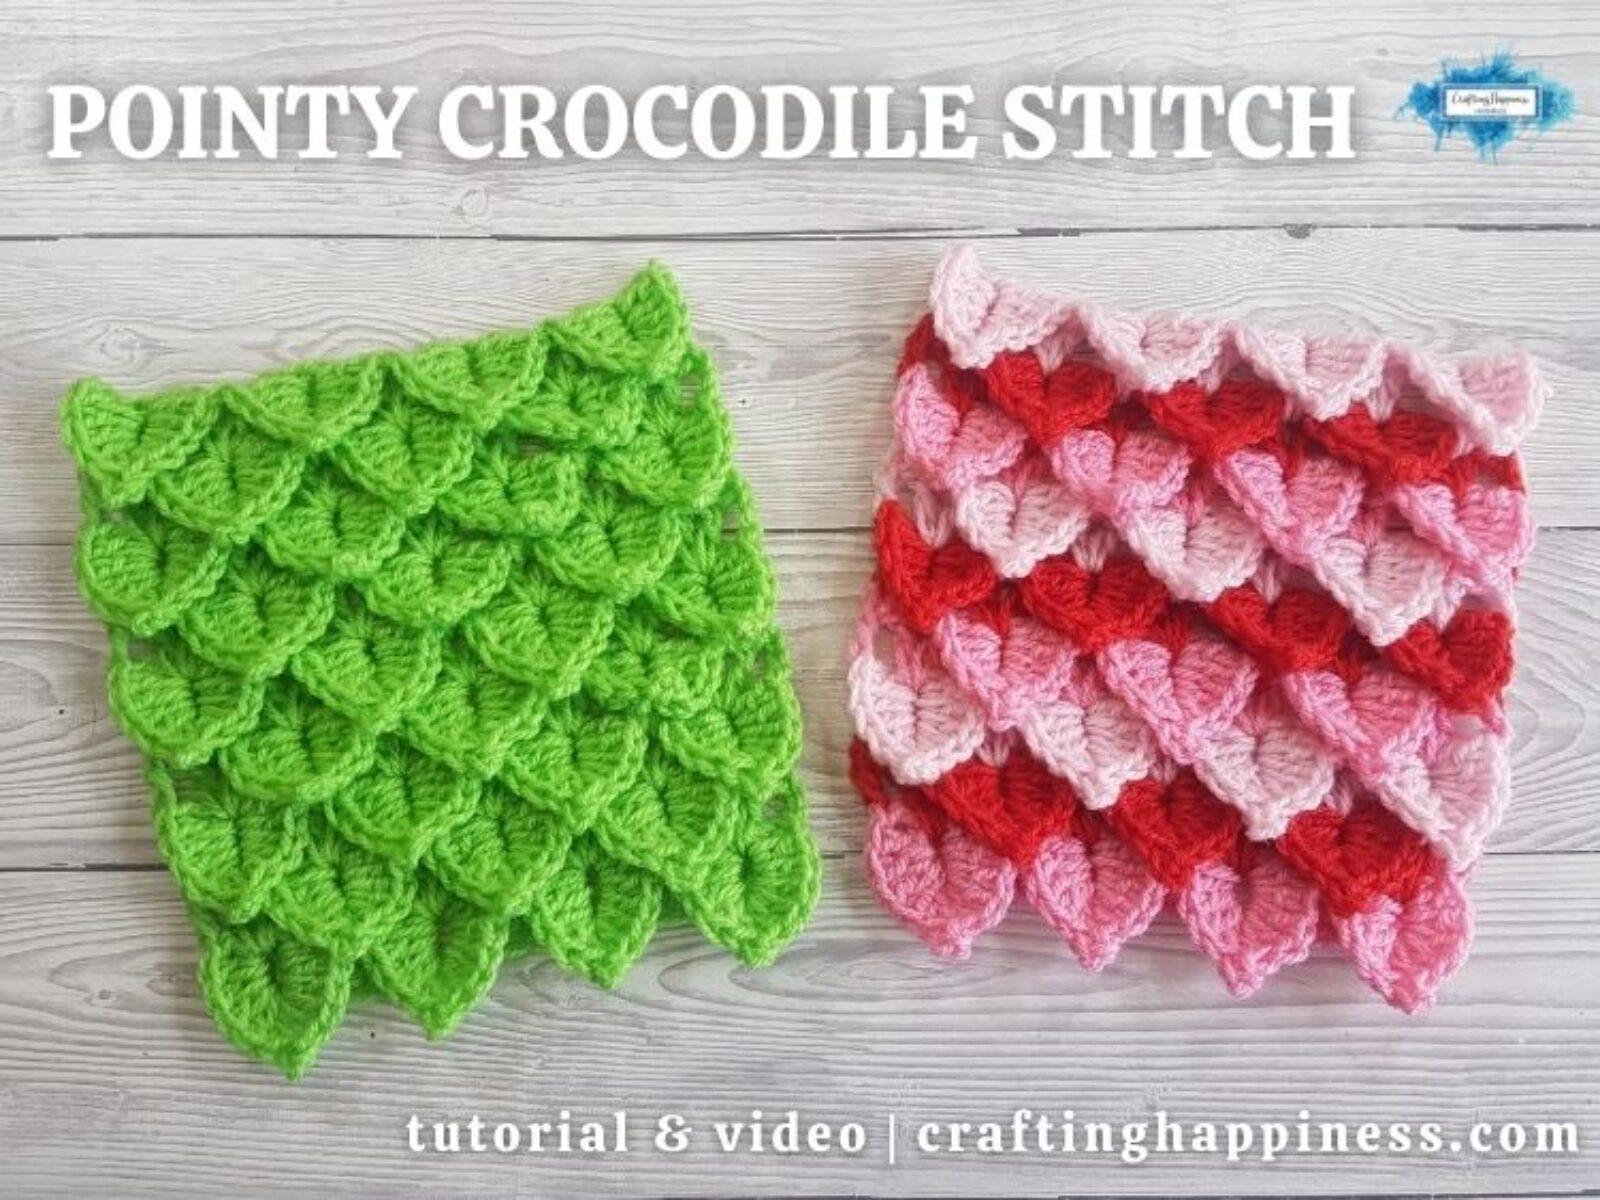 FB BLOG POSTER - Pointy Crocodile Stitch